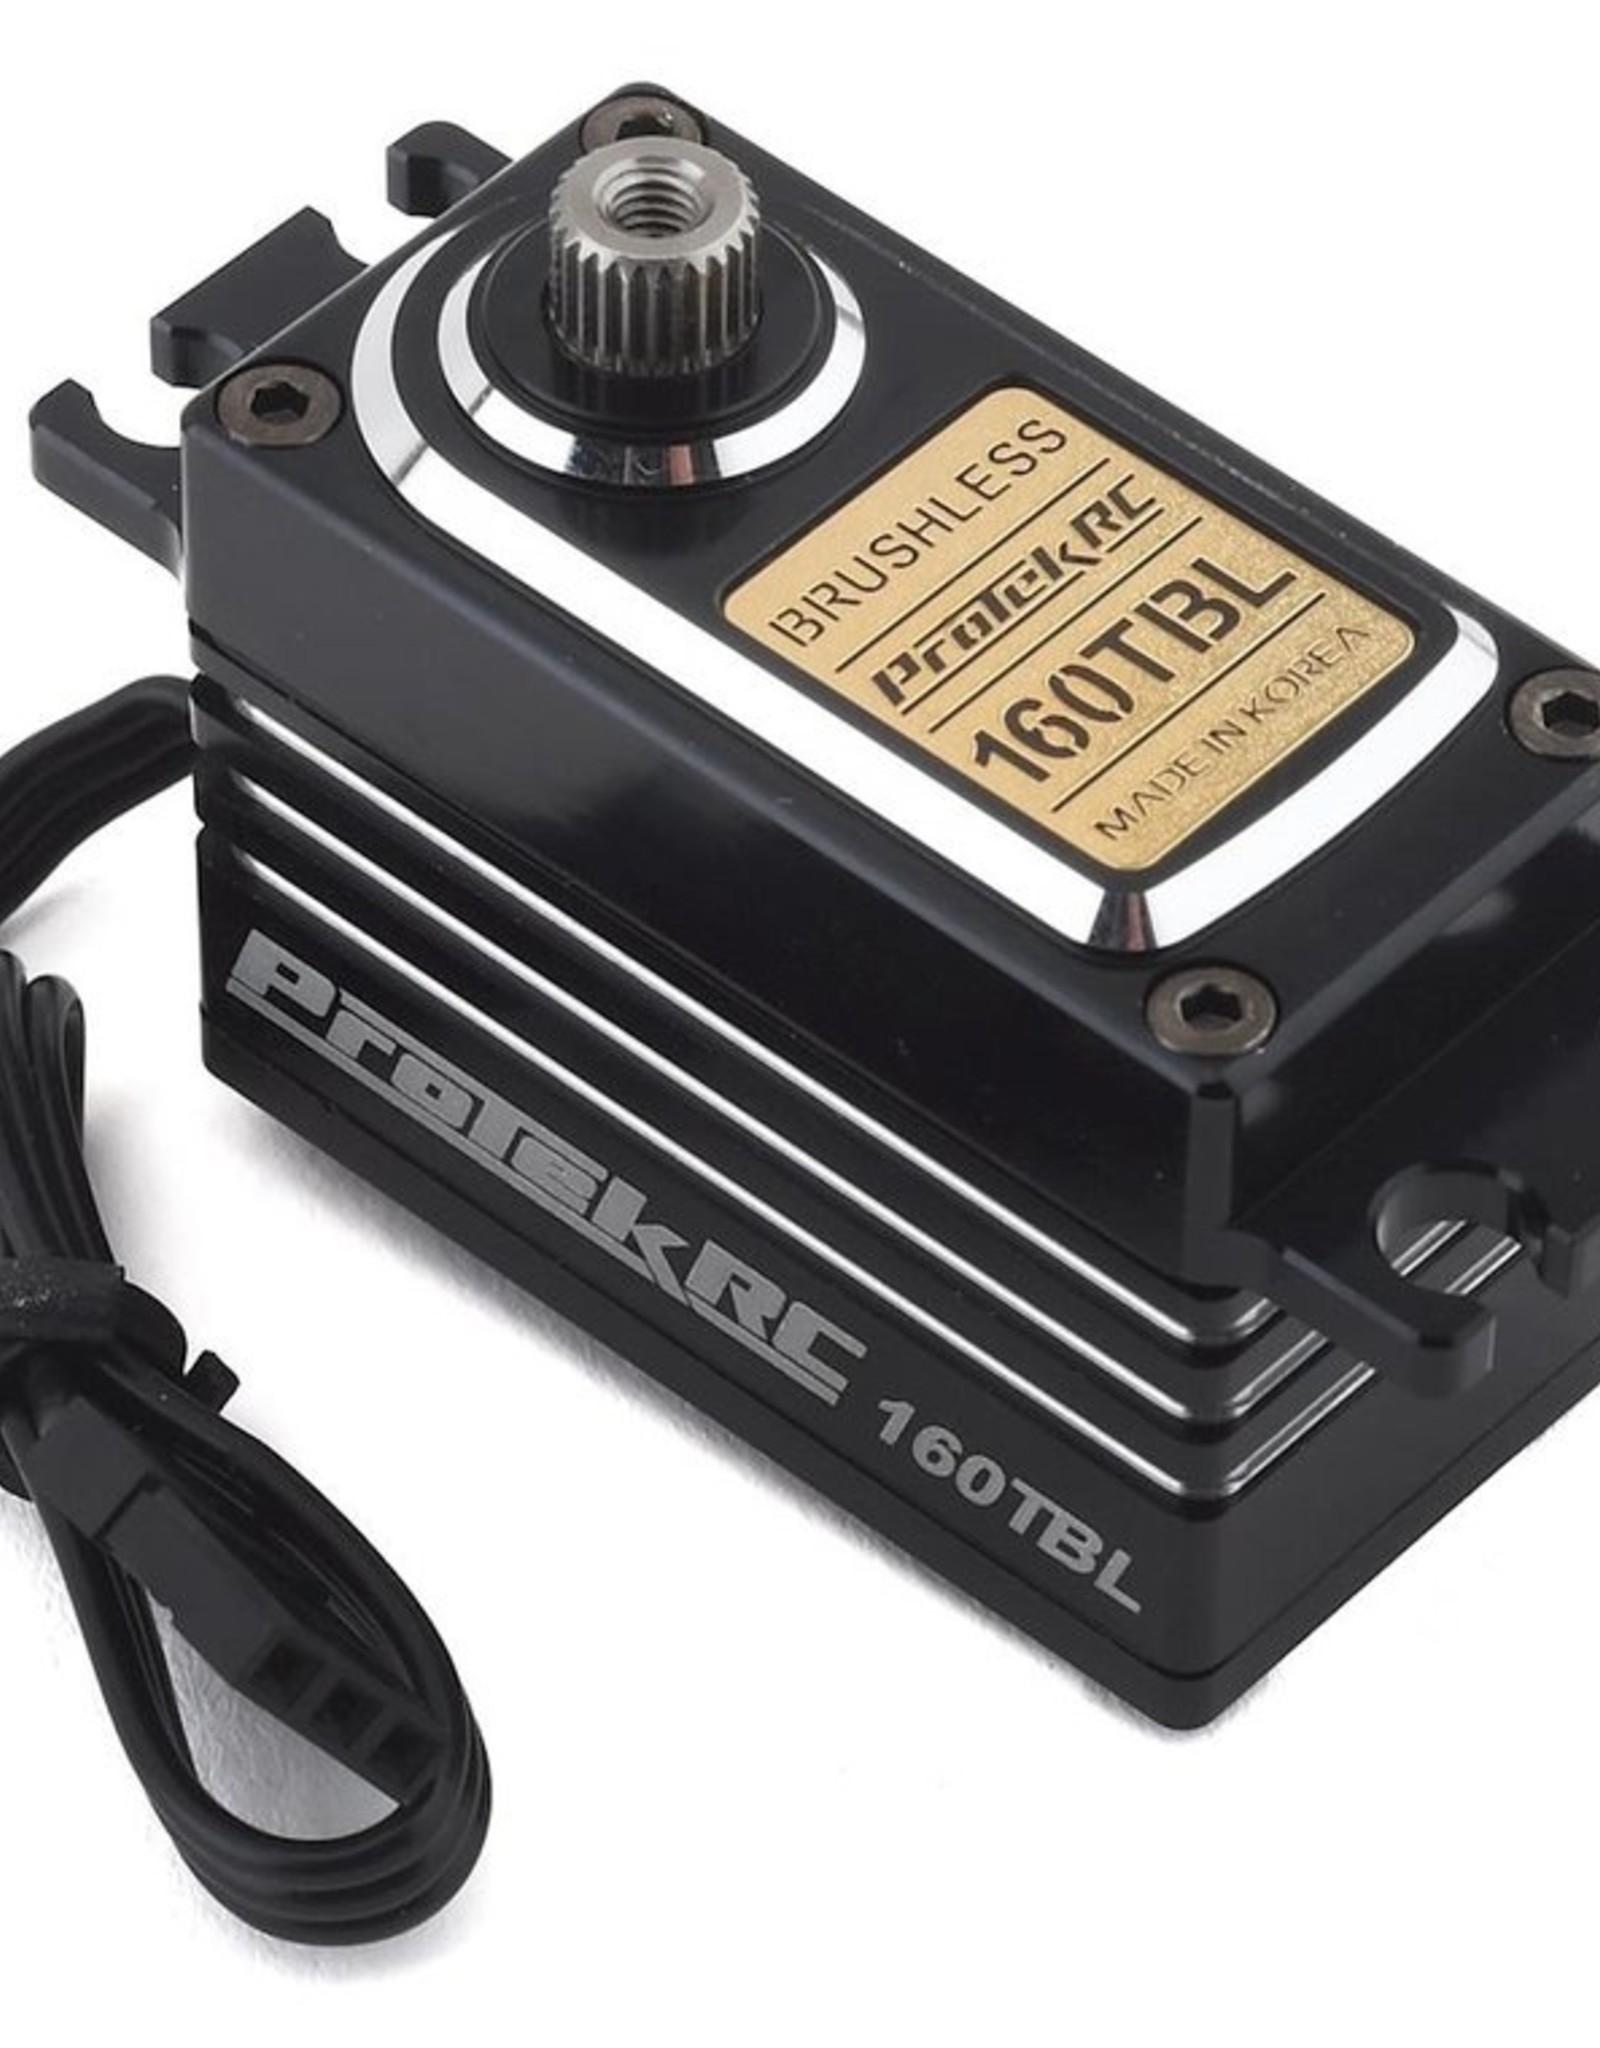 """Protek RC ProTek RC 160TBL """"Black Label"""" Low Profile High Torque Brushless Servo (High Voltage/Metal Case)"""